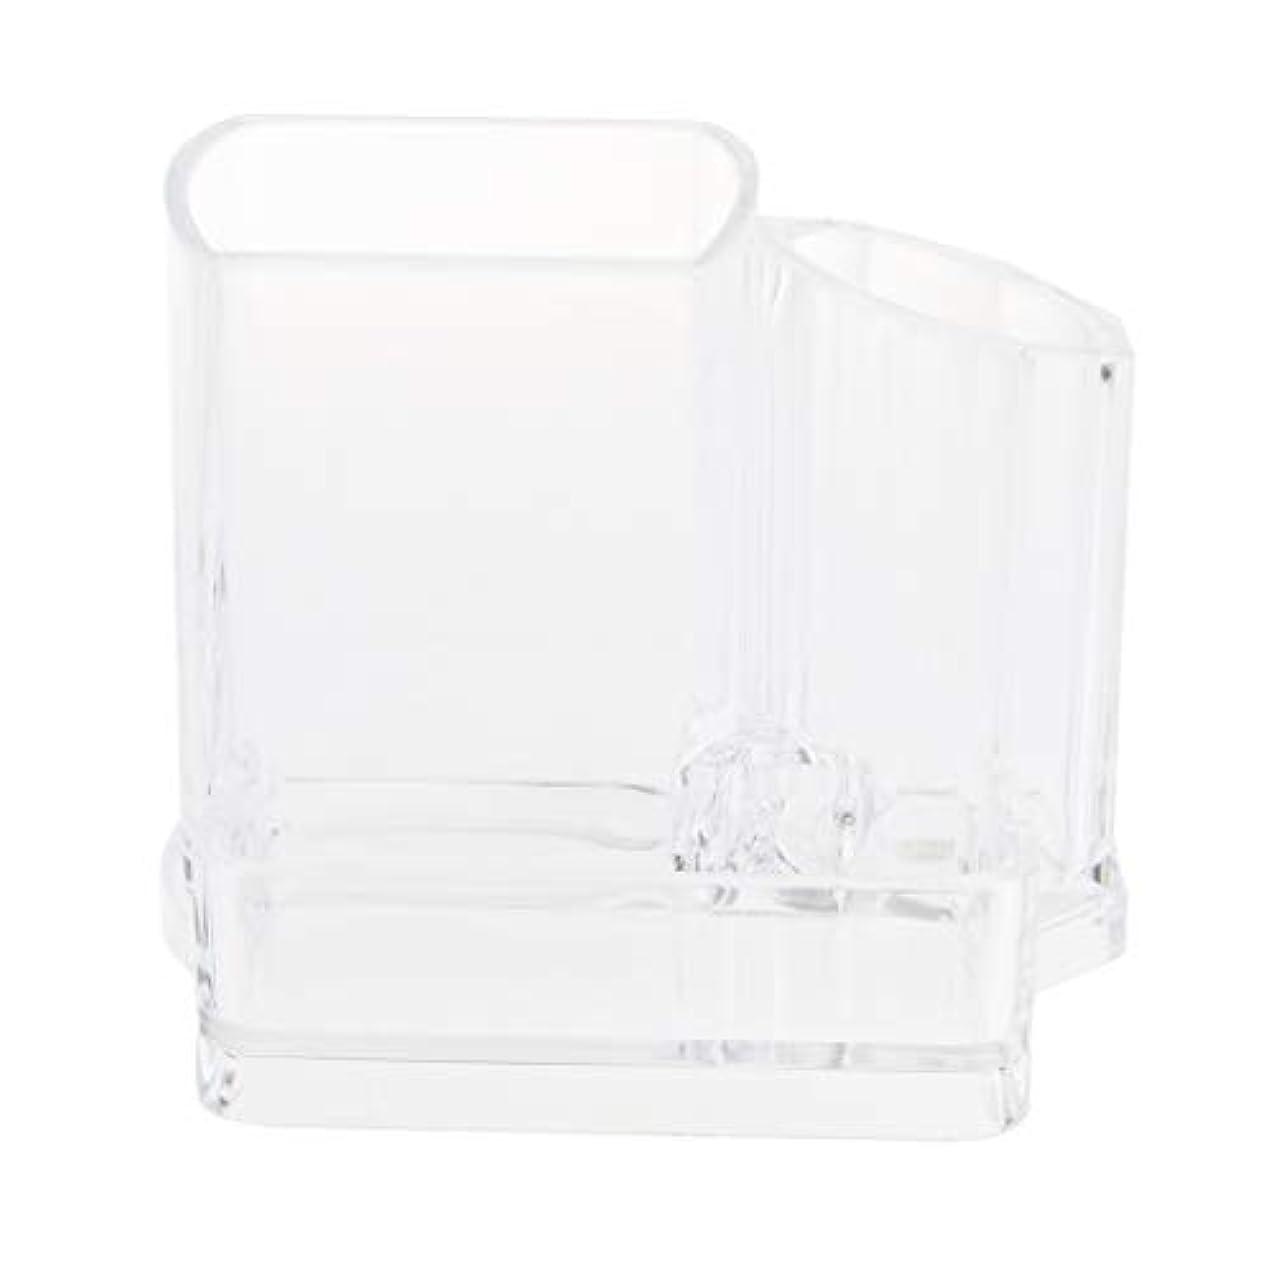 愛情深いセーブ旧正月D DOLITY メイクアップブラシホルダー アクリル クリア 化粧品オーガナイザー 3スロット